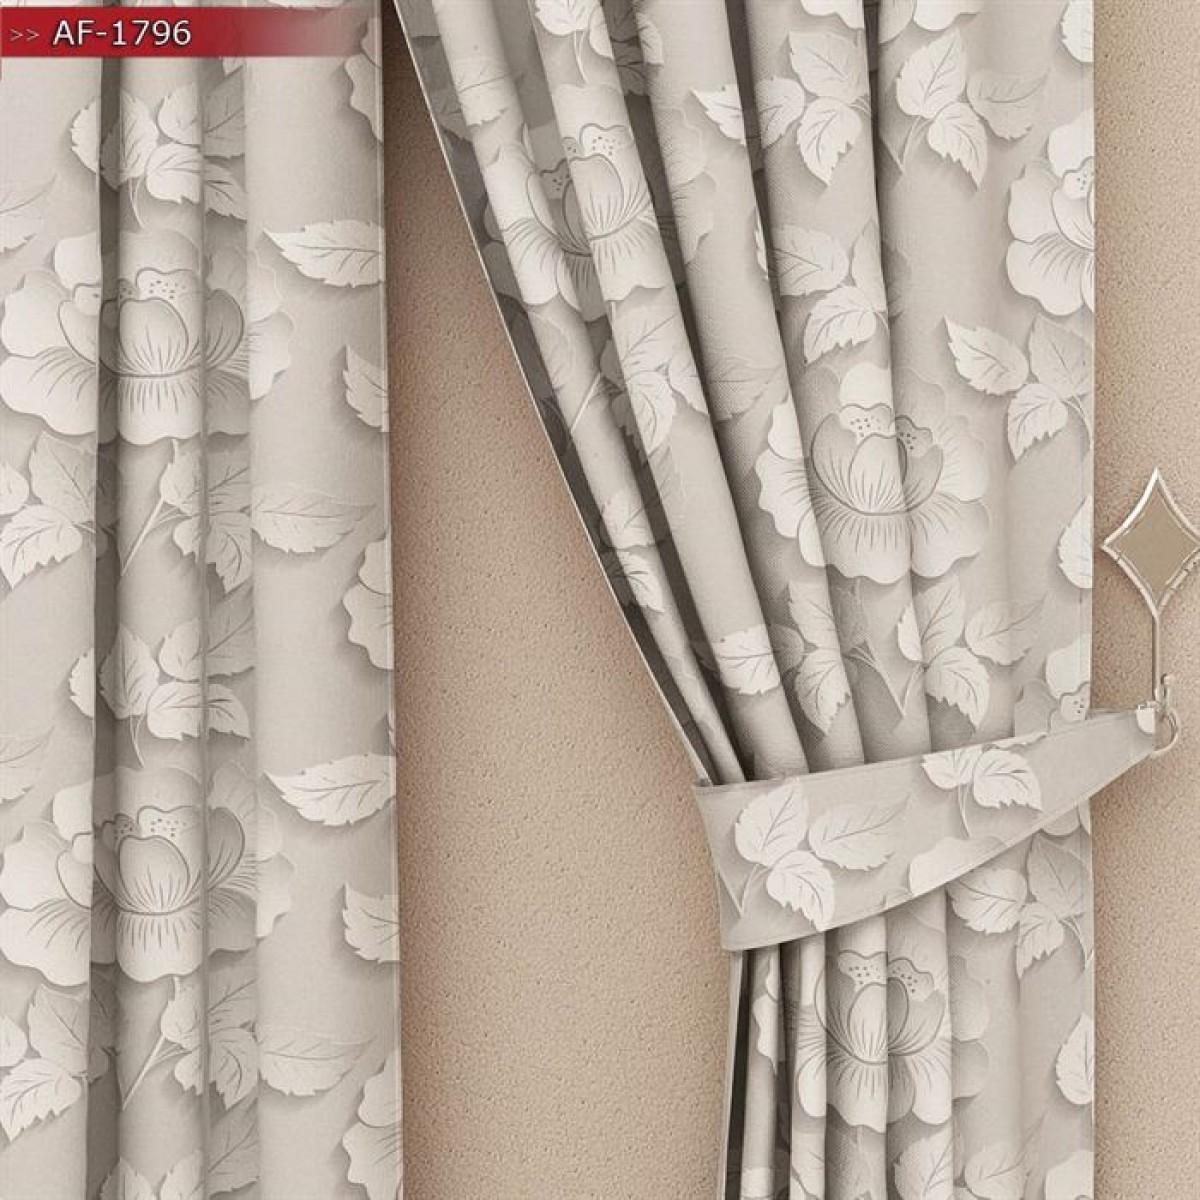 Salon - Mutfak - 3D Kabartmalı Çiçek Baskılı Fon Perde